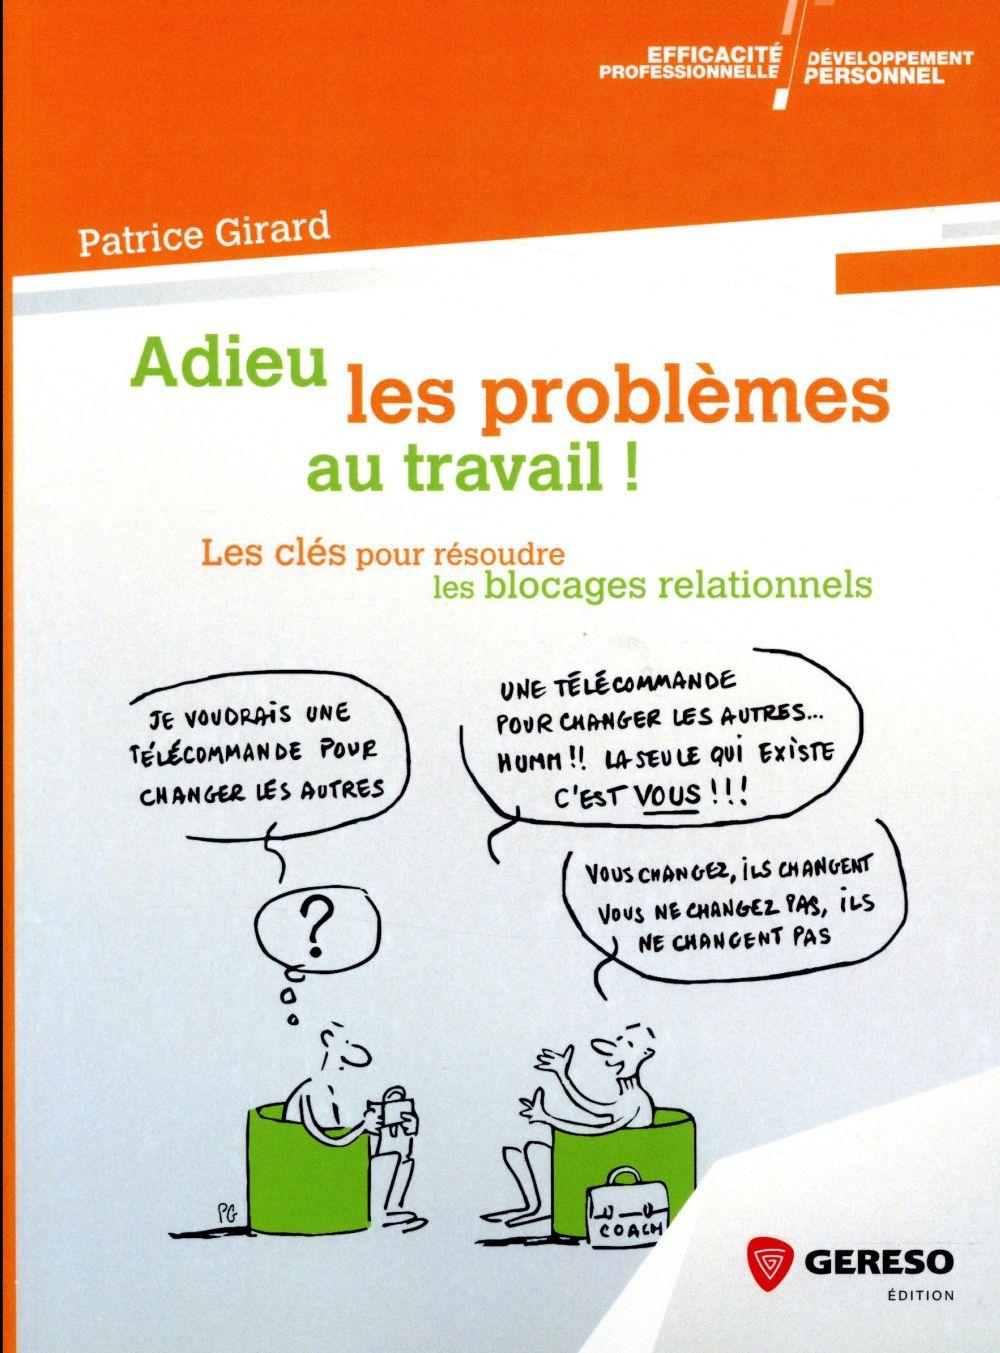 ADIEU LES PROBLEMES AU TRAVAIL